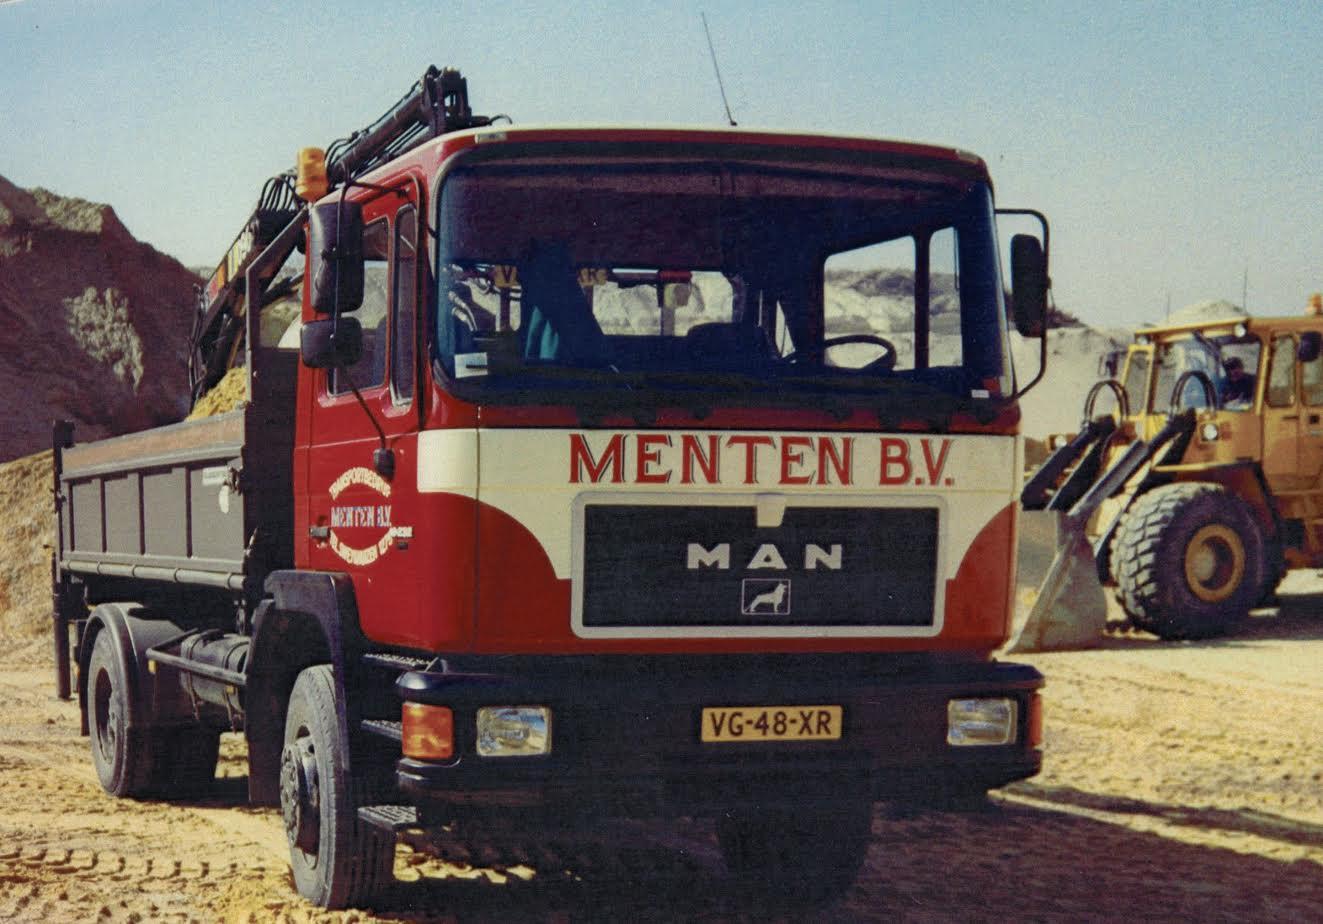 MAN-VG-48-XR